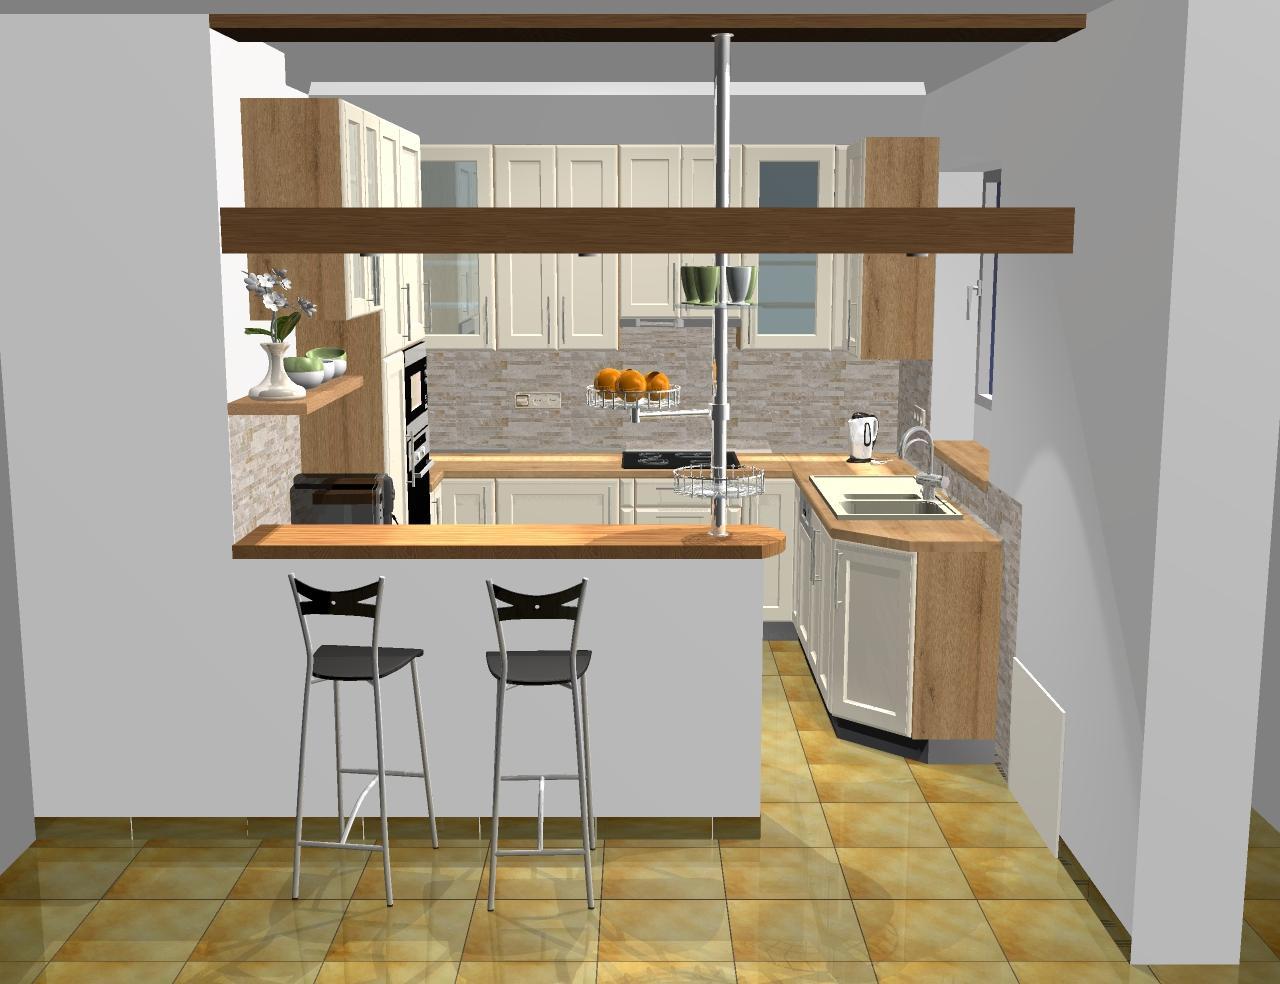 Grafické návrhy kuchynských liniek 2016 - Grafický návrh kuchynskej linky do rodinného domu - verzia 1- obr.1